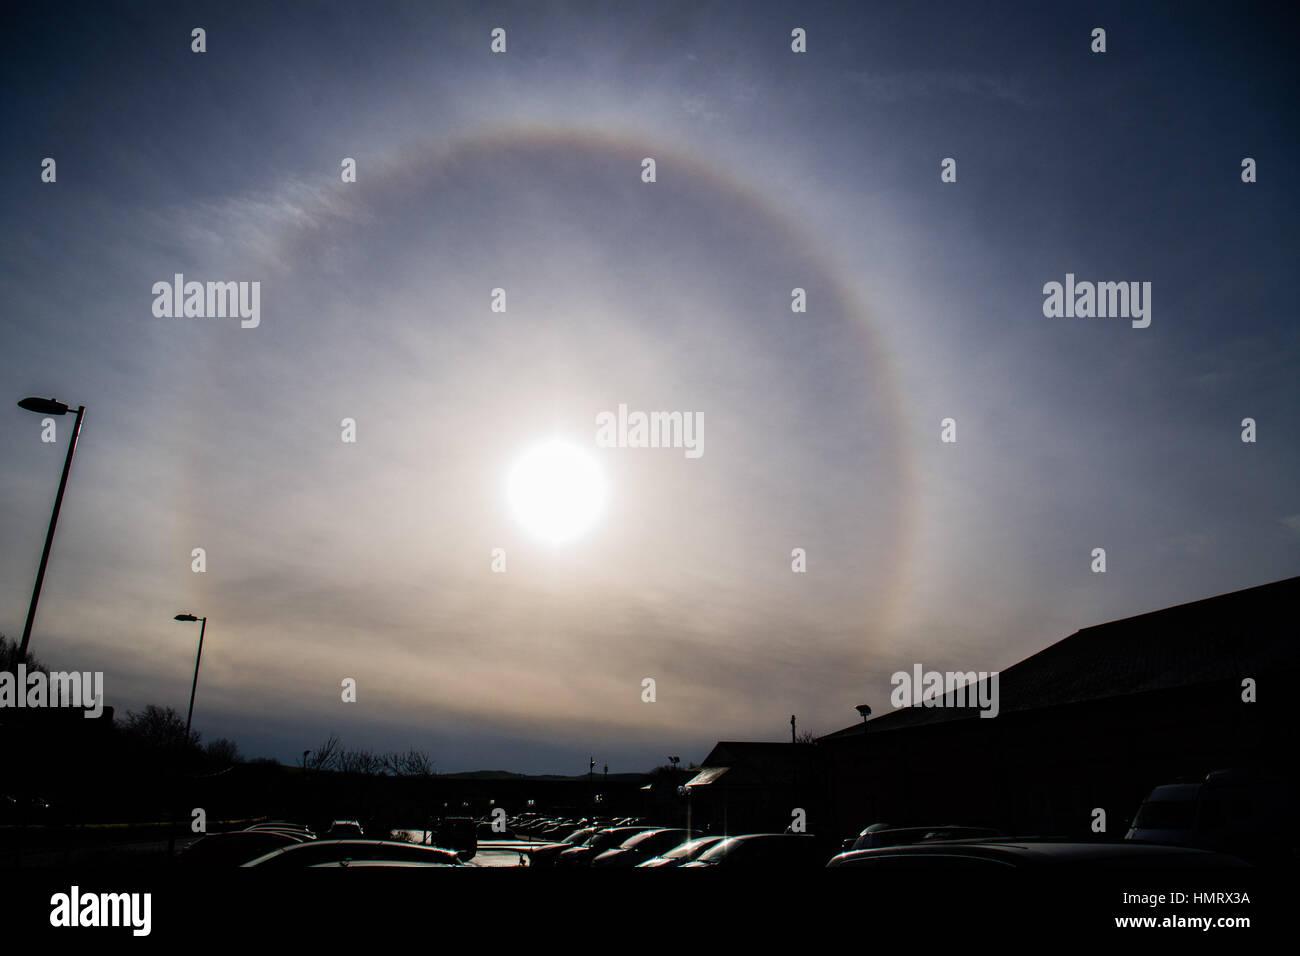 Aberystwyth Wales UK, Sunday 05 February 2017  UK Weather: On a cold February morning a spectacular 'Sun Halo' - Stock Image